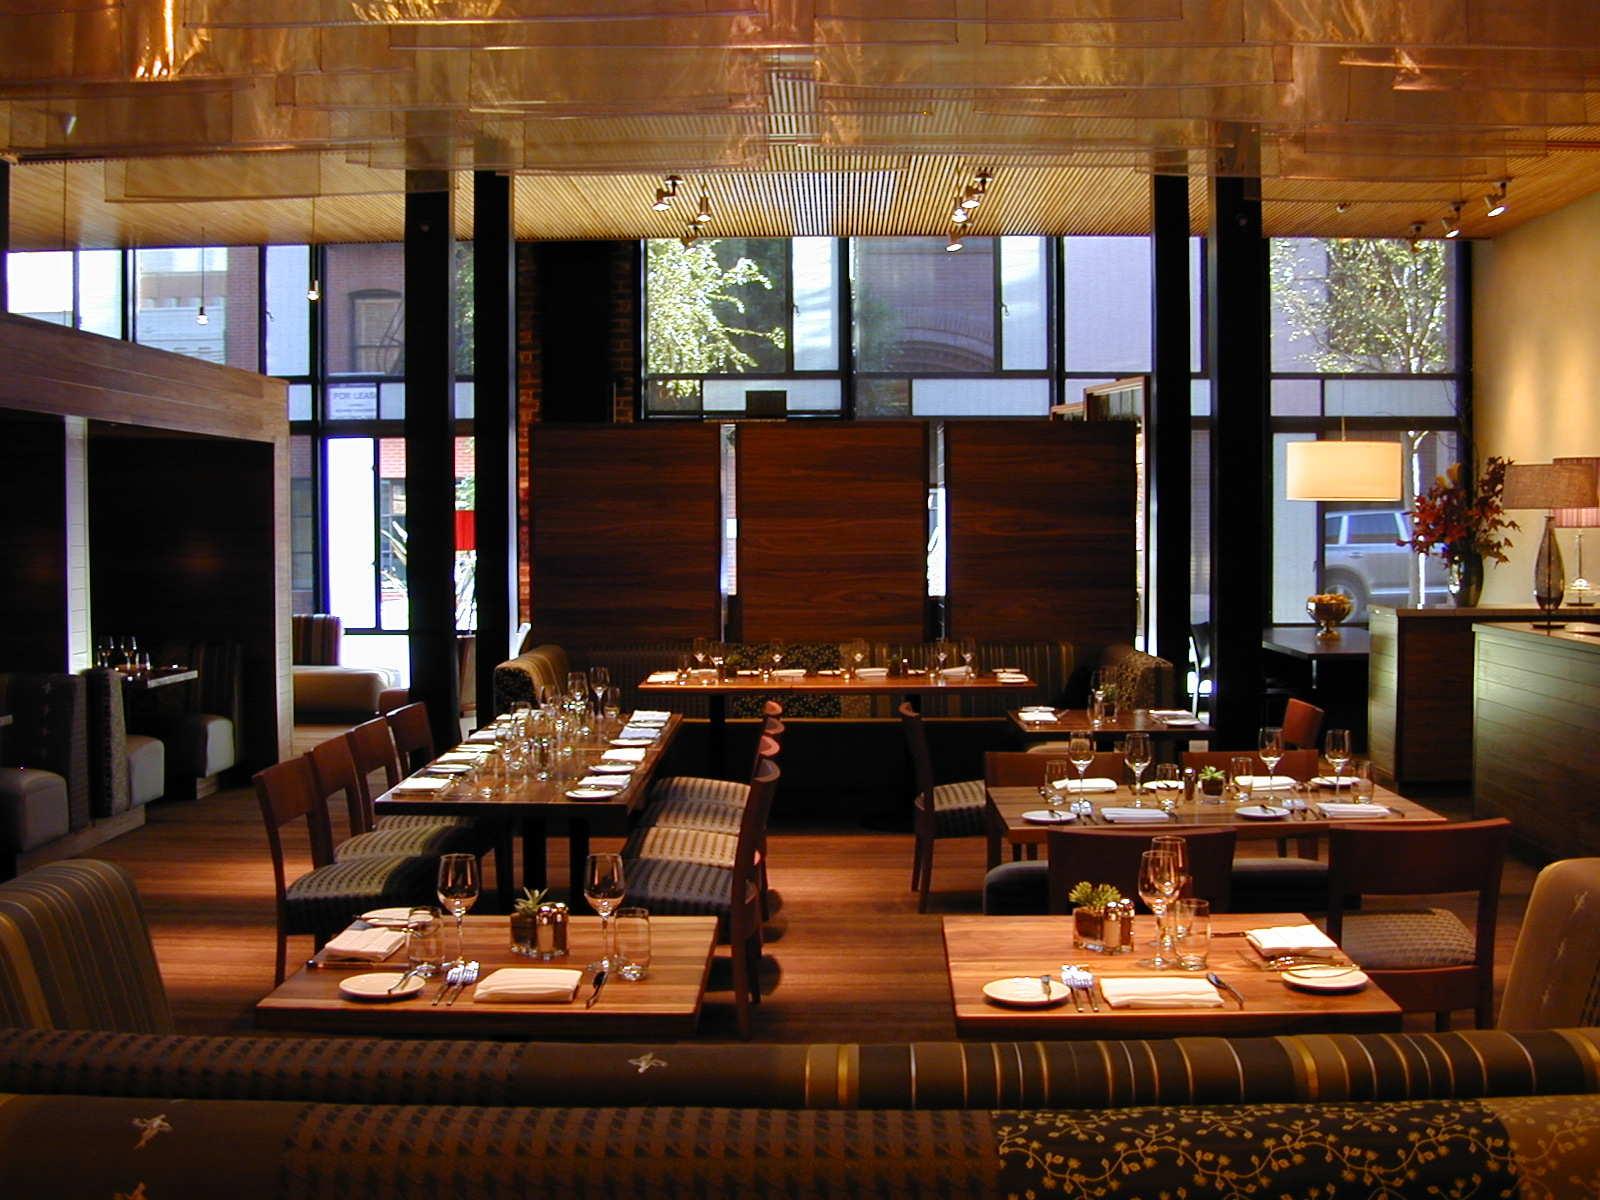 Best Romantic Restaurants In Bay Area